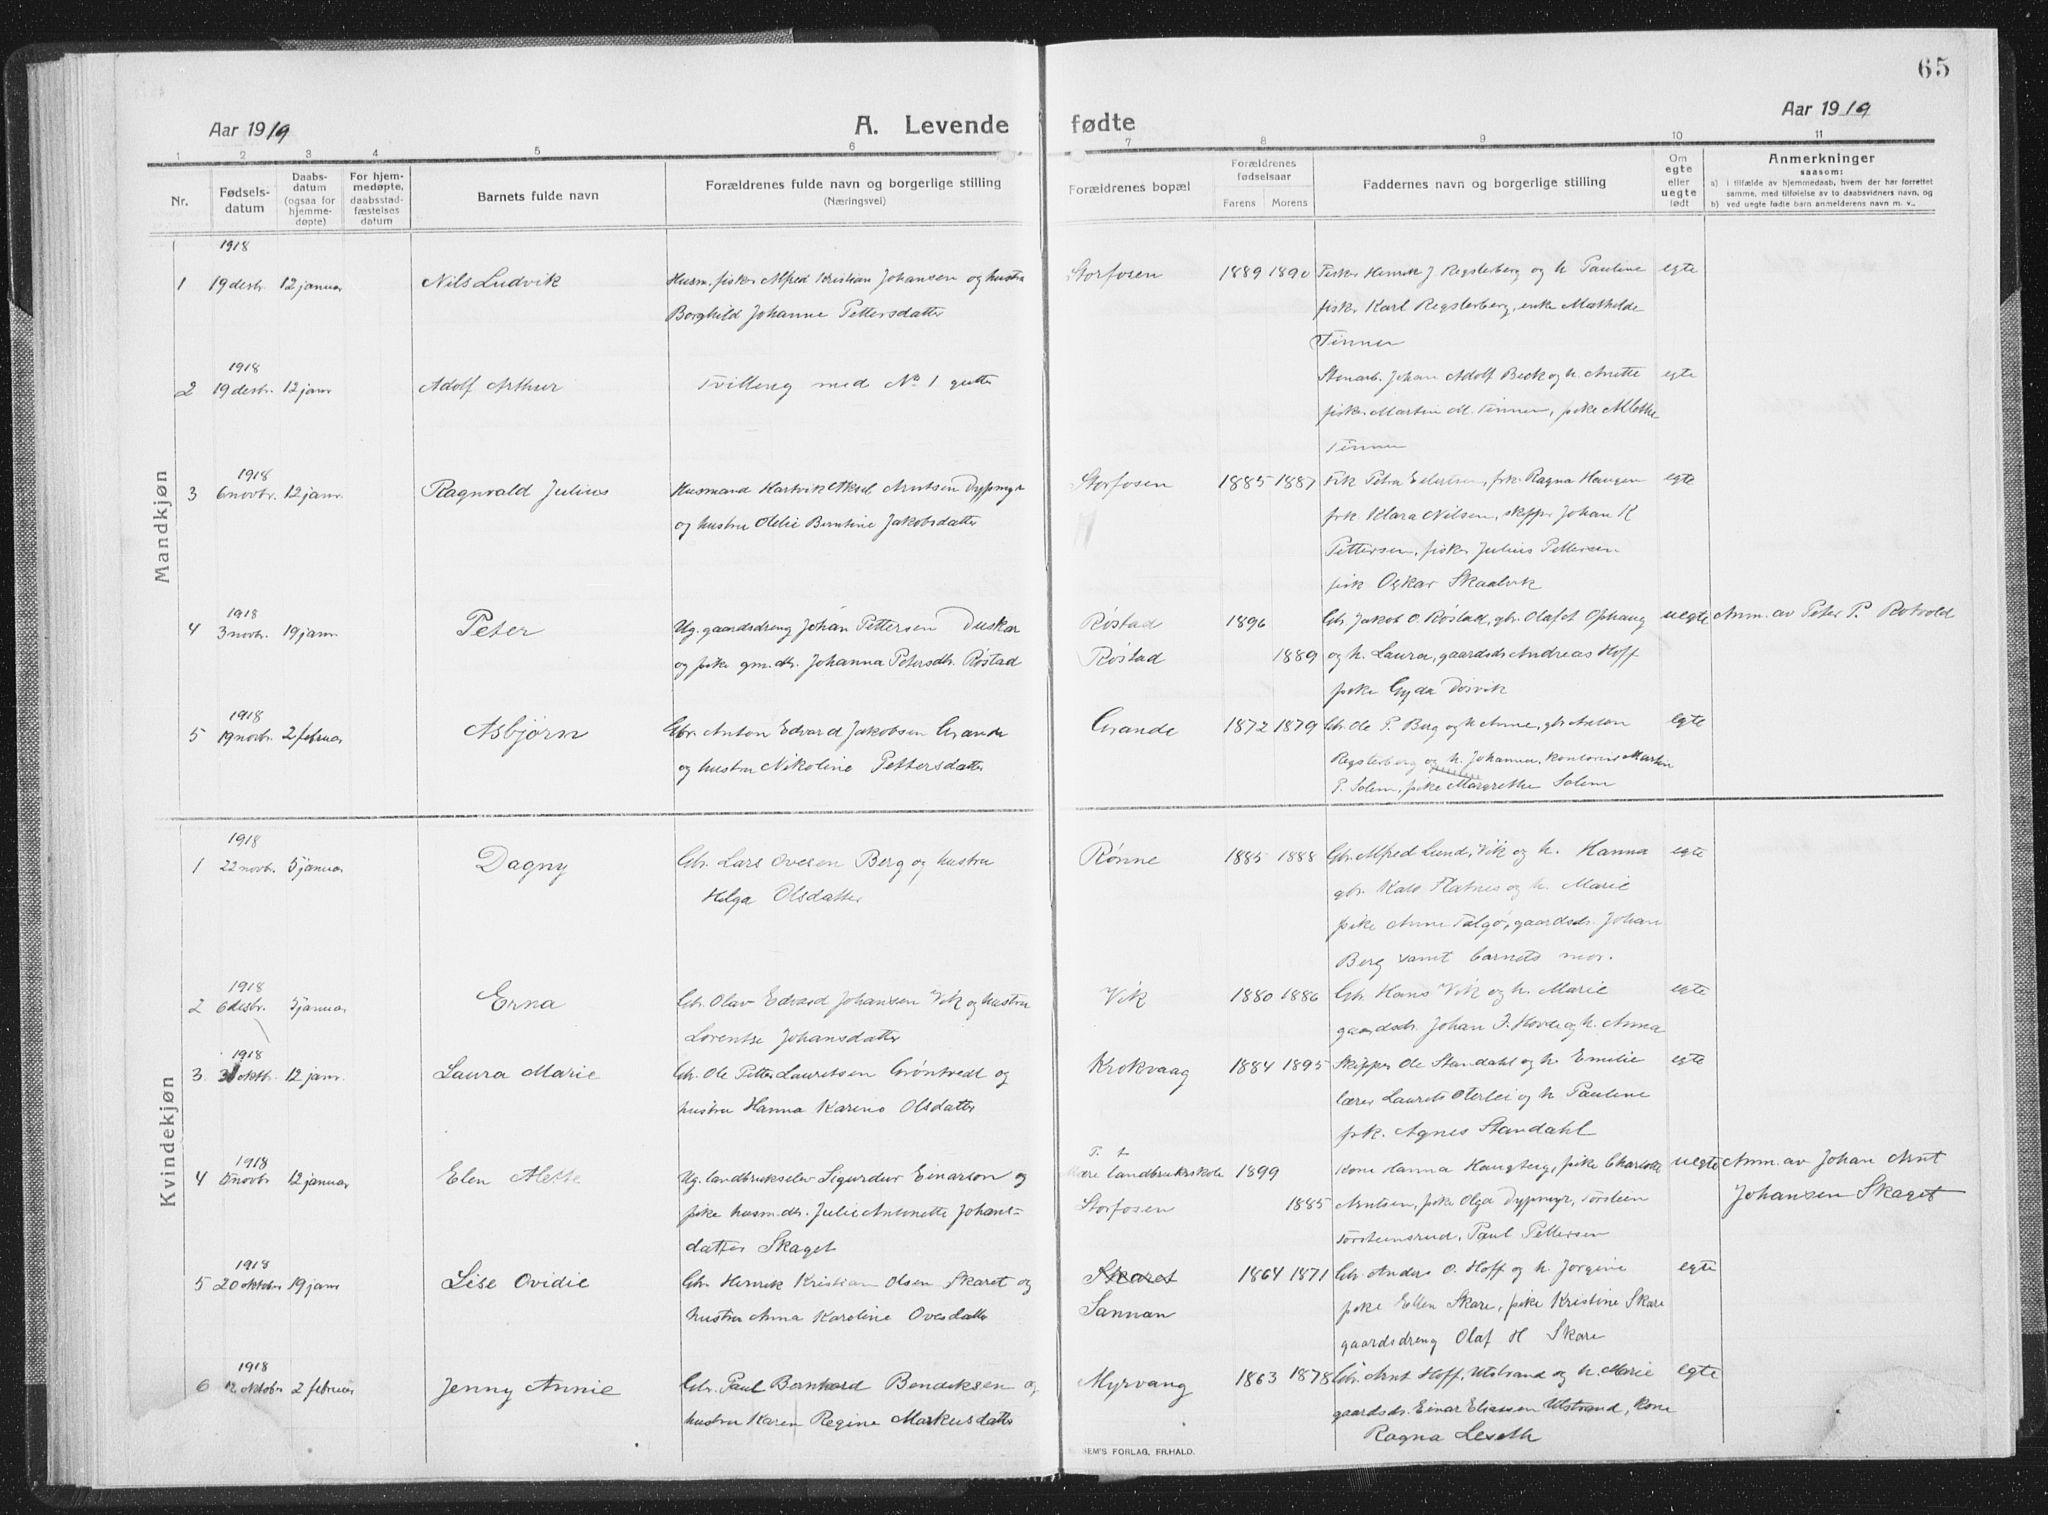 SAT, Ministerialprotokoller, klokkerbøker og fødselsregistre - Sør-Trøndelag, 659/L0747: Klokkerbok nr. 659C04, 1913-1938, s. 65